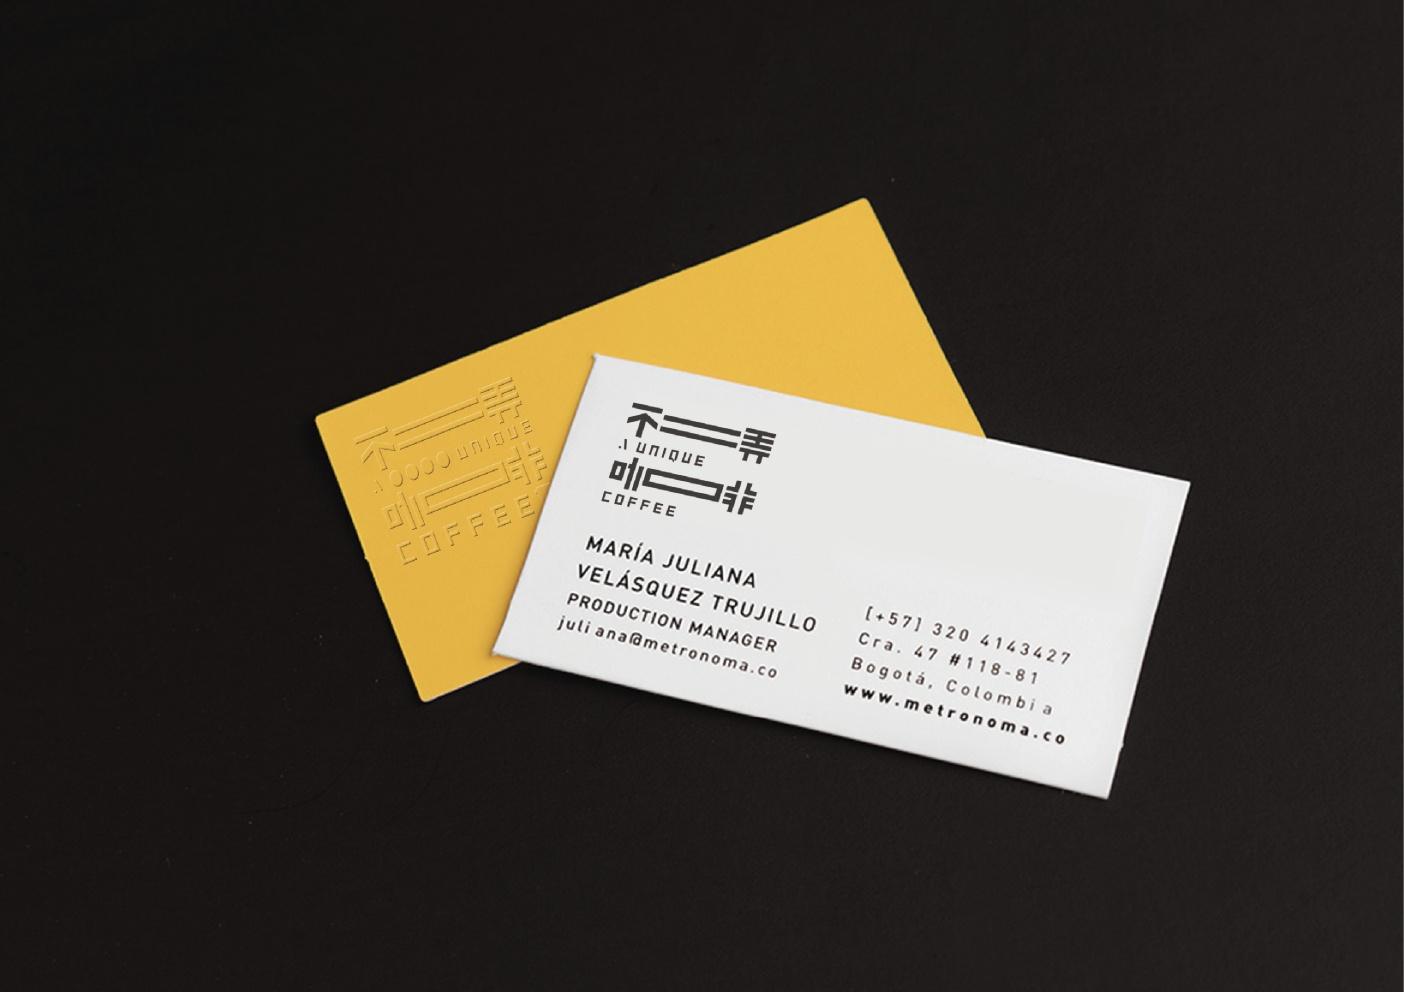 不二弄咖啡店設計,咖啡店裝潢設計,飲料店設計-門面設計-品牌設計-品牌設計公司-品牌規劃-品牌設計公司 台北-品牌設計公司推薦-台北品牌設計-品牌設計師-品牌設計理念-品牌設計費用-品牌設計範例-品牌設計圖-品牌設計流程-品牌設計規劃-品牌規劃設計-品牌設計流程-品牌設計app-品牌設計費用-logo設計-logo設計公司--logo設計價格-logo設計範例-logo設計圖片-logo設計範例-logo設計規範-logo設計樣式-logo設計圖-logo設計師-logo設計公司推薦-logo設計圖片-logo設計流程-logo設計意思-logo設計概念-logo設計參考-商標設計-標誌設計-店面設計-裝潢設計-品牌設計-招牌設計-餐飲店設計-元品設計-品牌設計-店面設計-裝潢設計-招牌設計-餐飲店規劃設計-店面設計推薦-店面設計風格-店面設計案例-店面設計公司-台北店面設計-店面設計圖-店面設計收費-店面設計-店面裝潢推薦-店面裝潢風格-店面裝潢案例-店面裝潢公司-台北店面裝潢-店面裝潢圖-店面裝潢收費-店面裝潢-裝潢設計推薦-裝潢設計風格-裝潢設計案例-裝潢設計公司-台北裝潢設計-裝潢設計圖-裝潢設計收費-裝潢店面